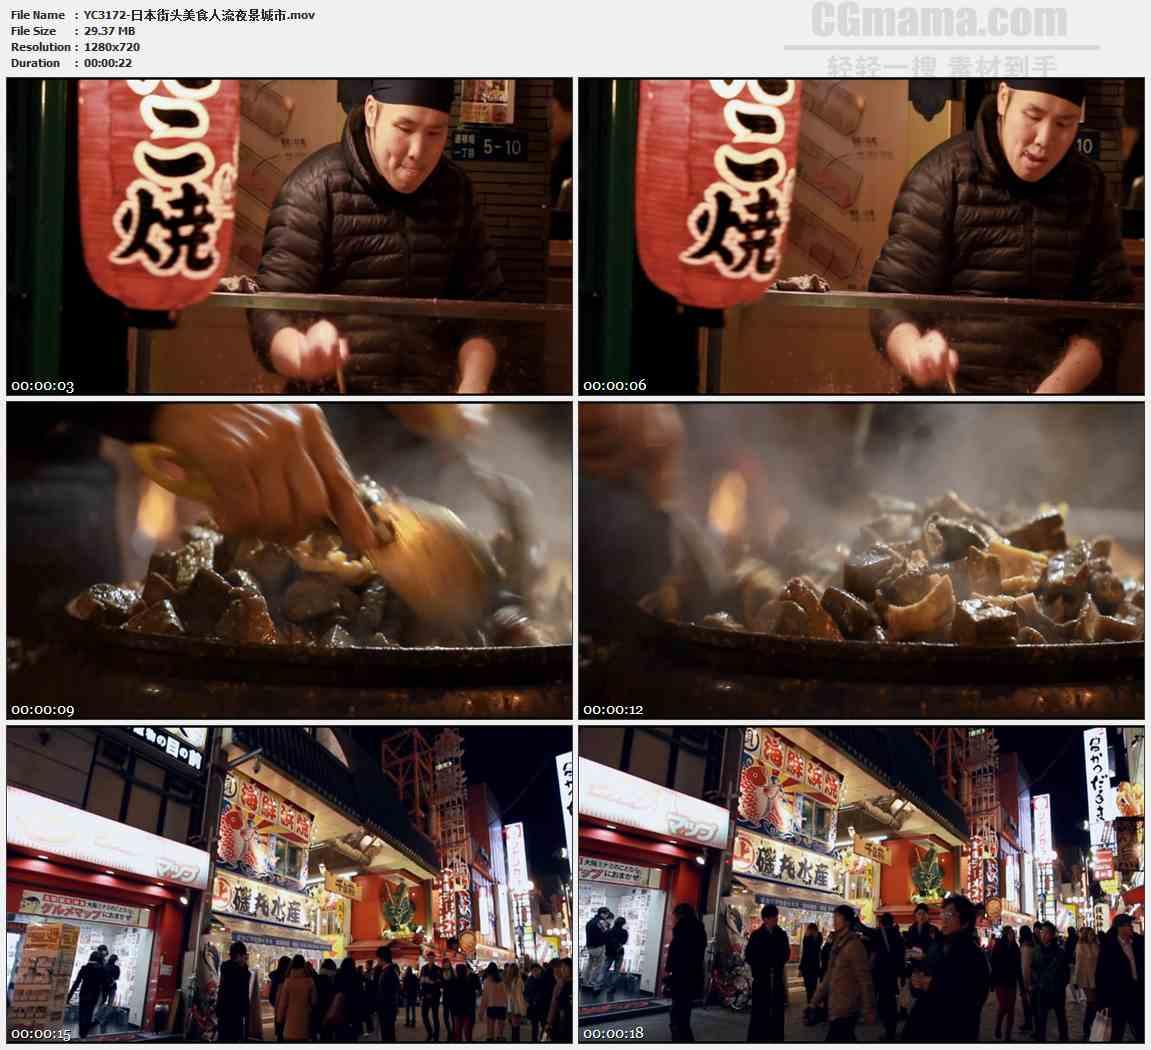 YC3172-日本街头美食人流夜景城市高清实拍视频素材